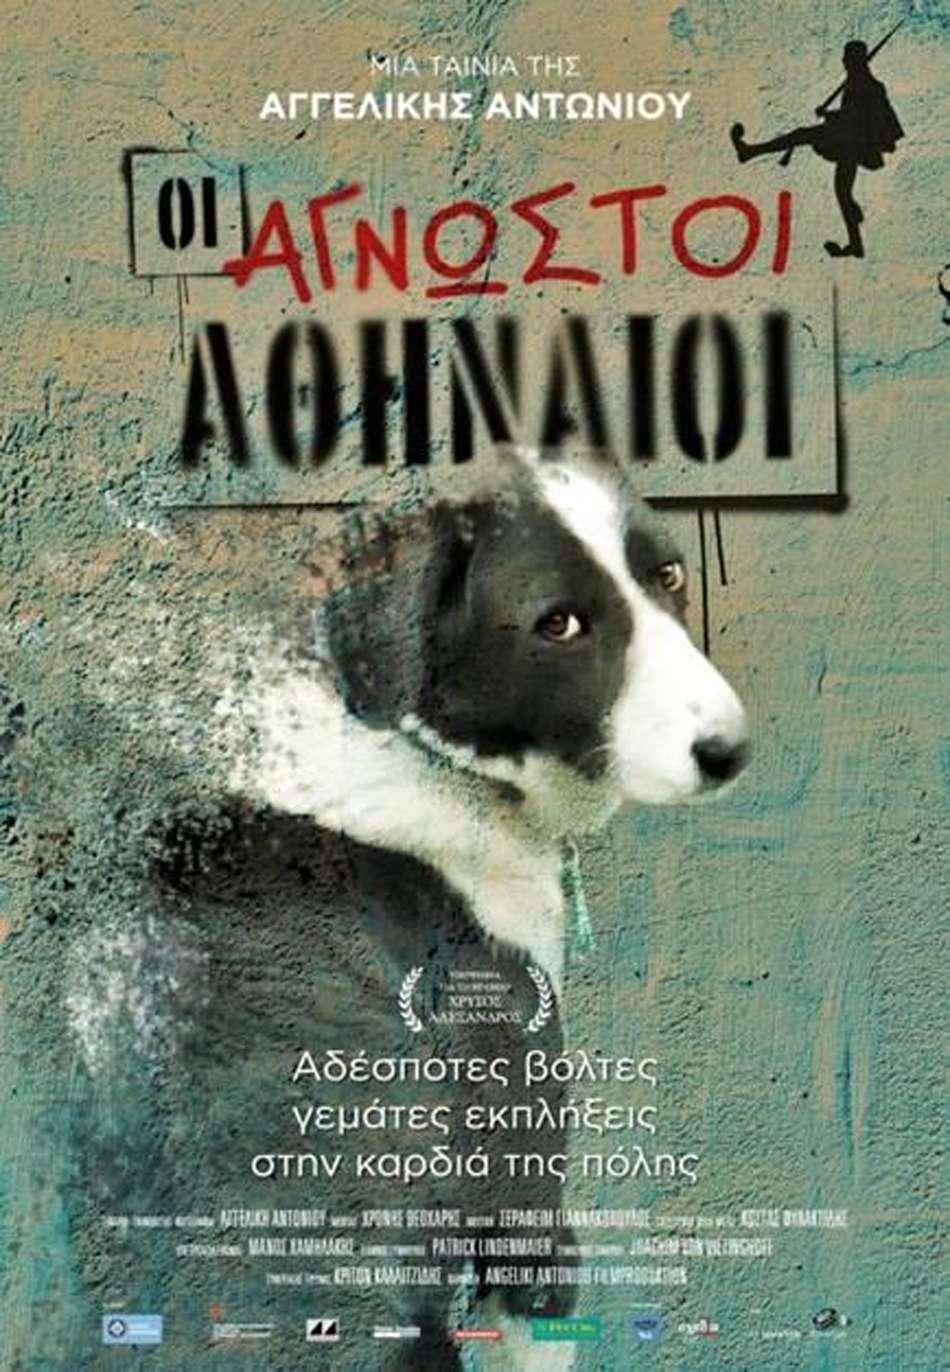 Οι άγνωστοι Αθηναίοι Poster Πόστερ